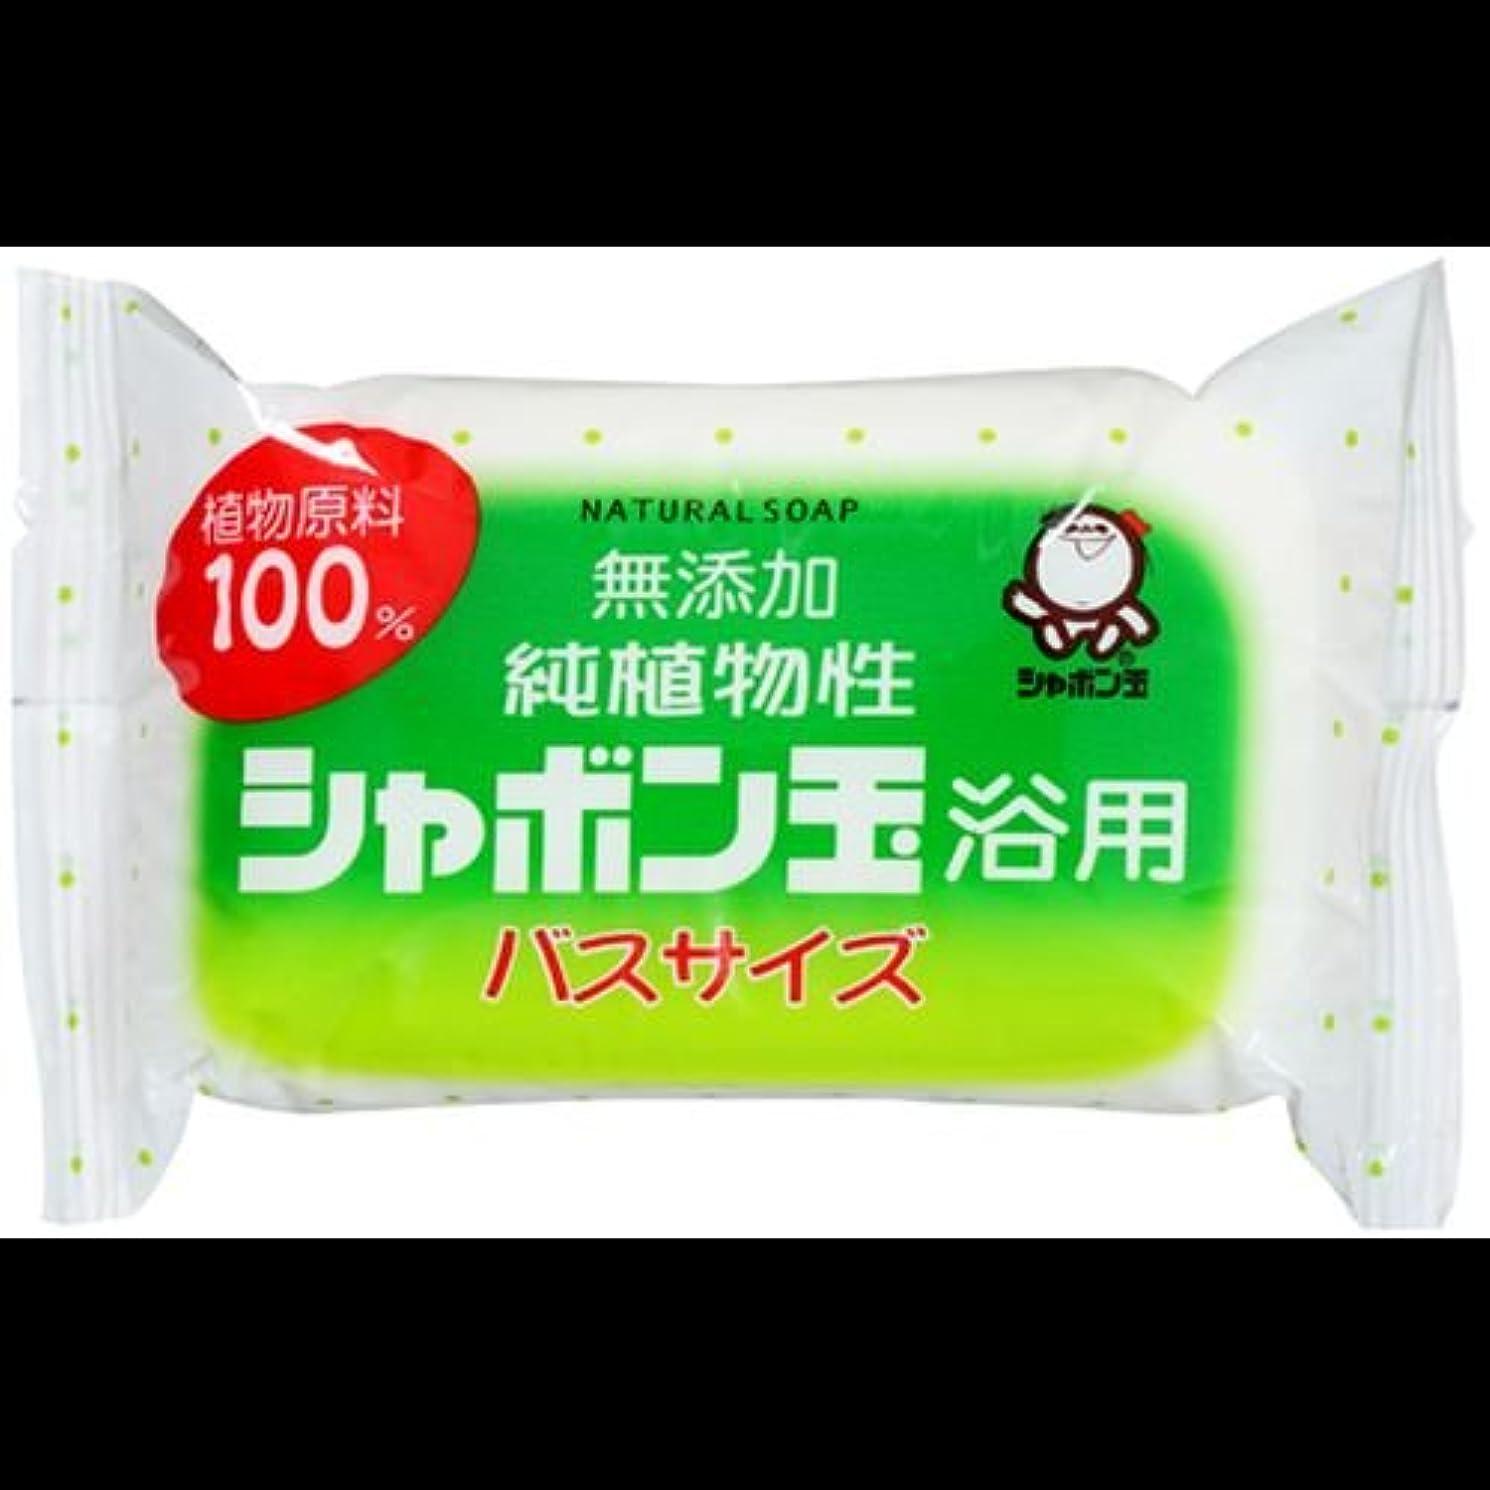 ラバ何でも記念碑的な【まとめ買い】純植物性シャボン玉 浴用 バスサイズ155g ×2セット